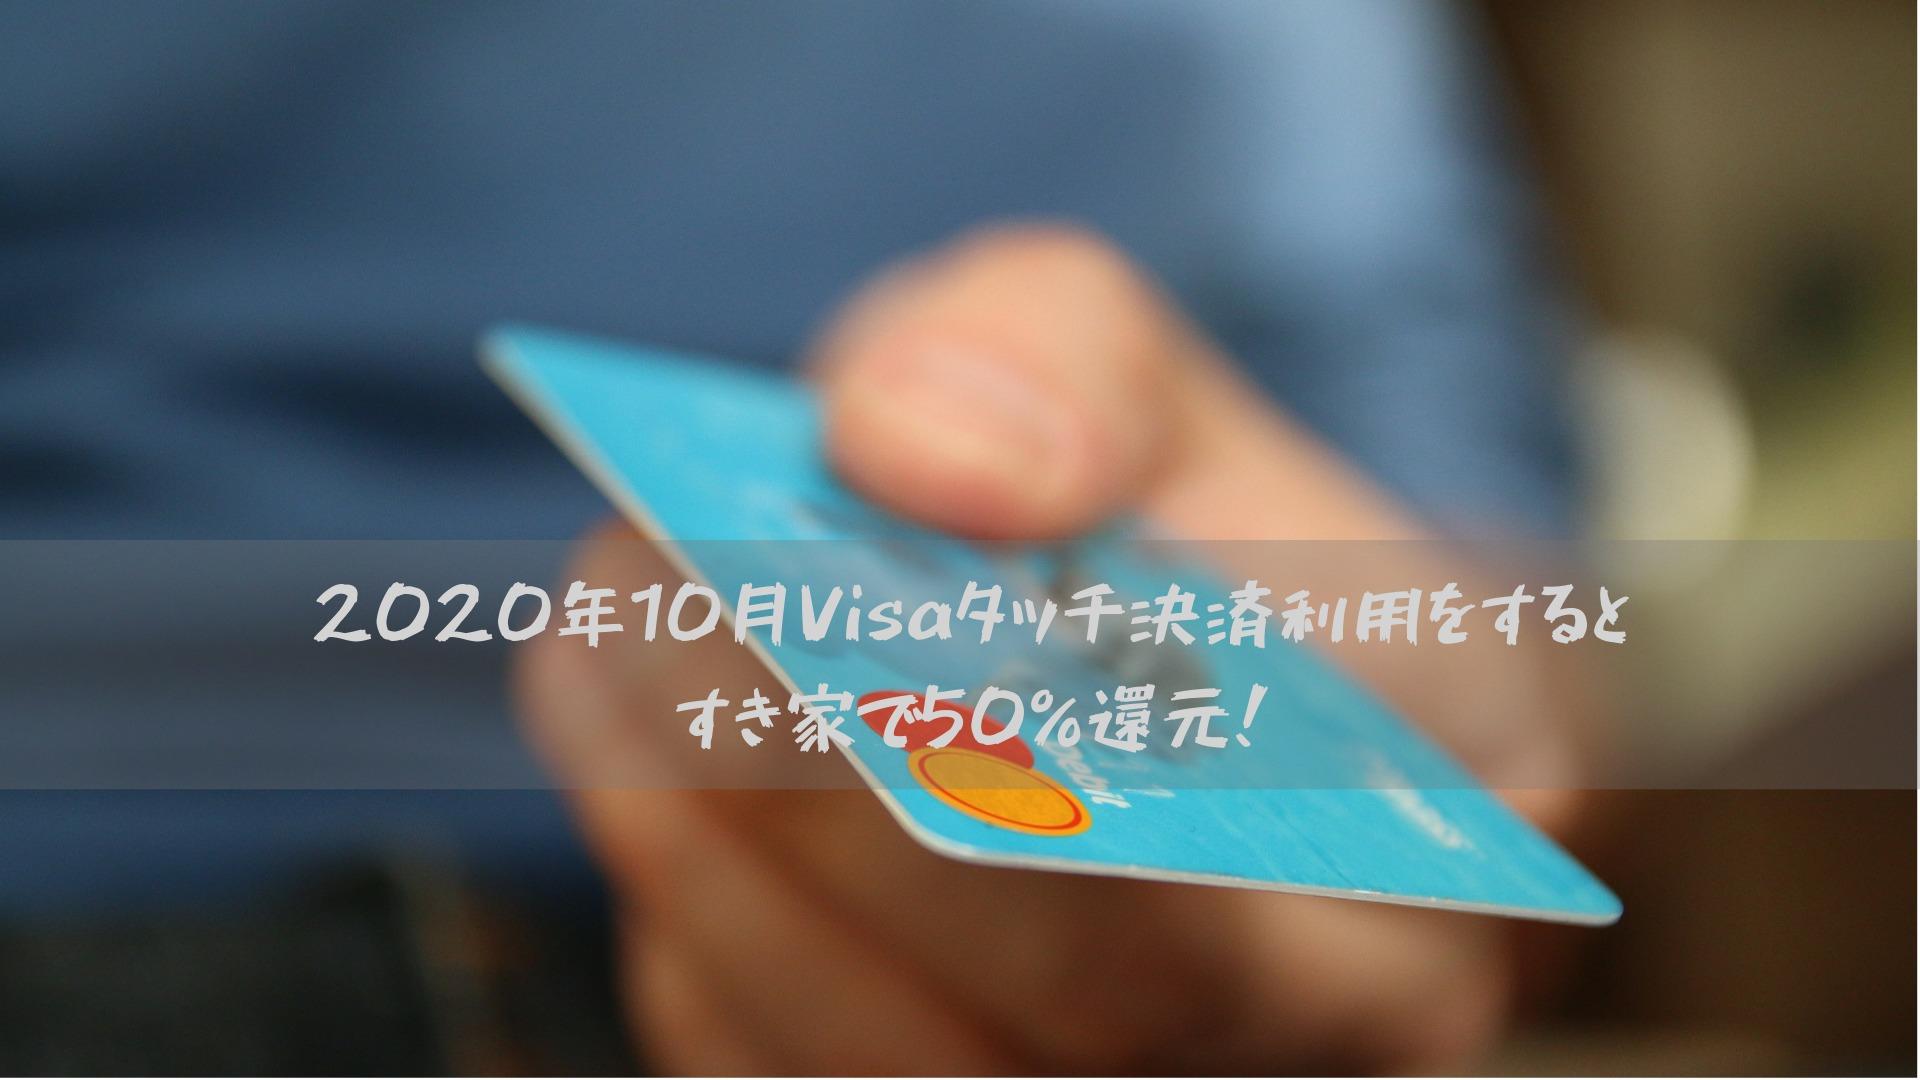 2020年10月Visaタッチ決済利用をするとすき家で50%還元!